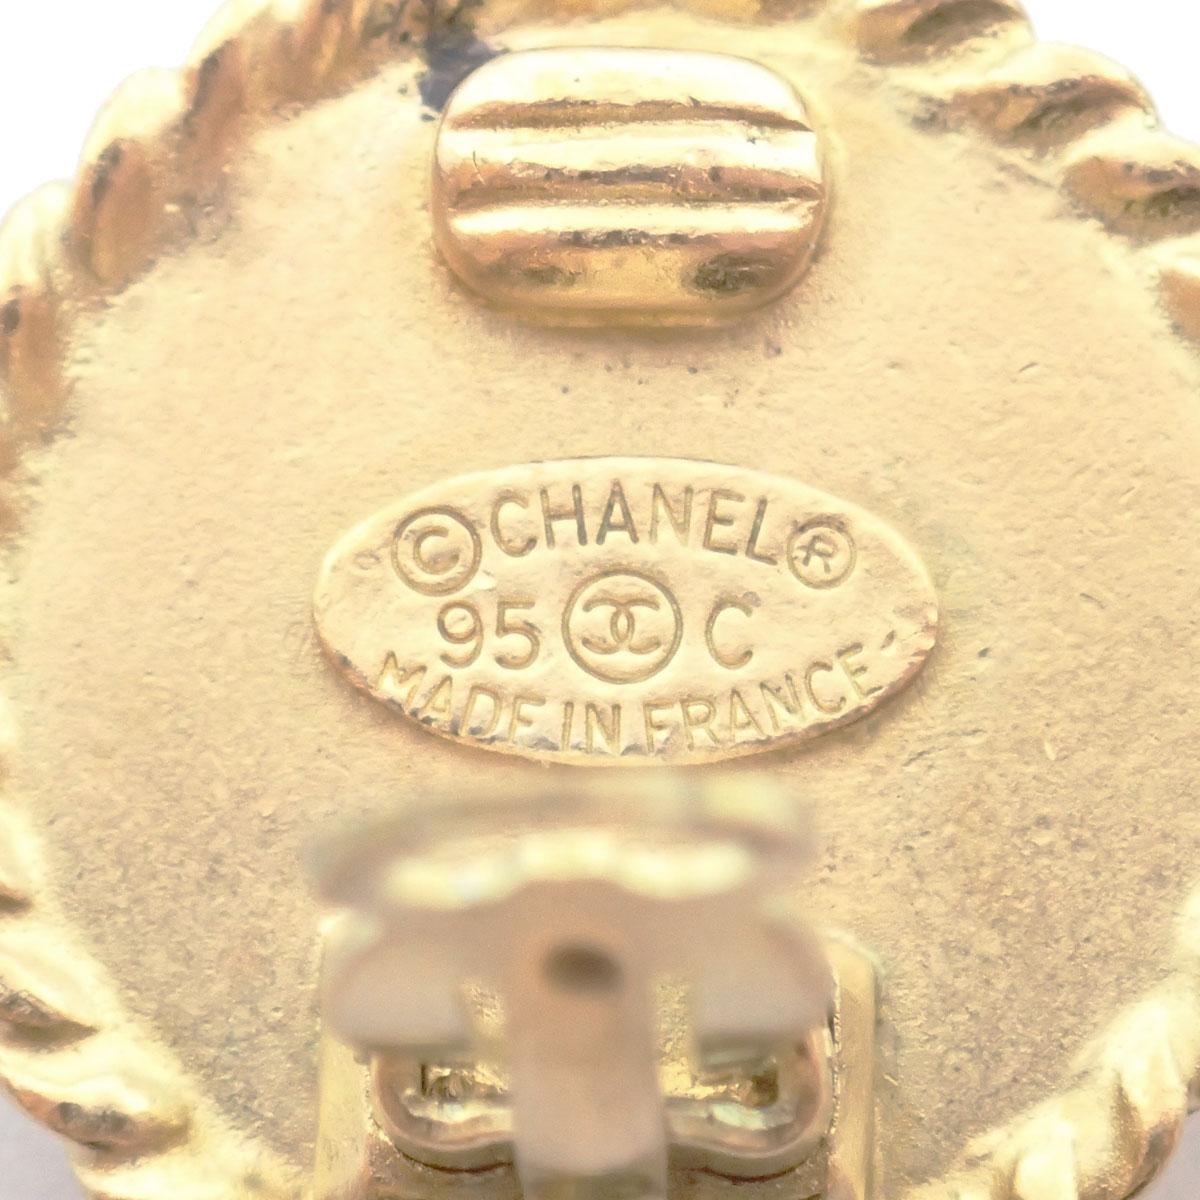 CHANEL シャネル イヤリング ココマーク サークル ブラック ゴールド 95C